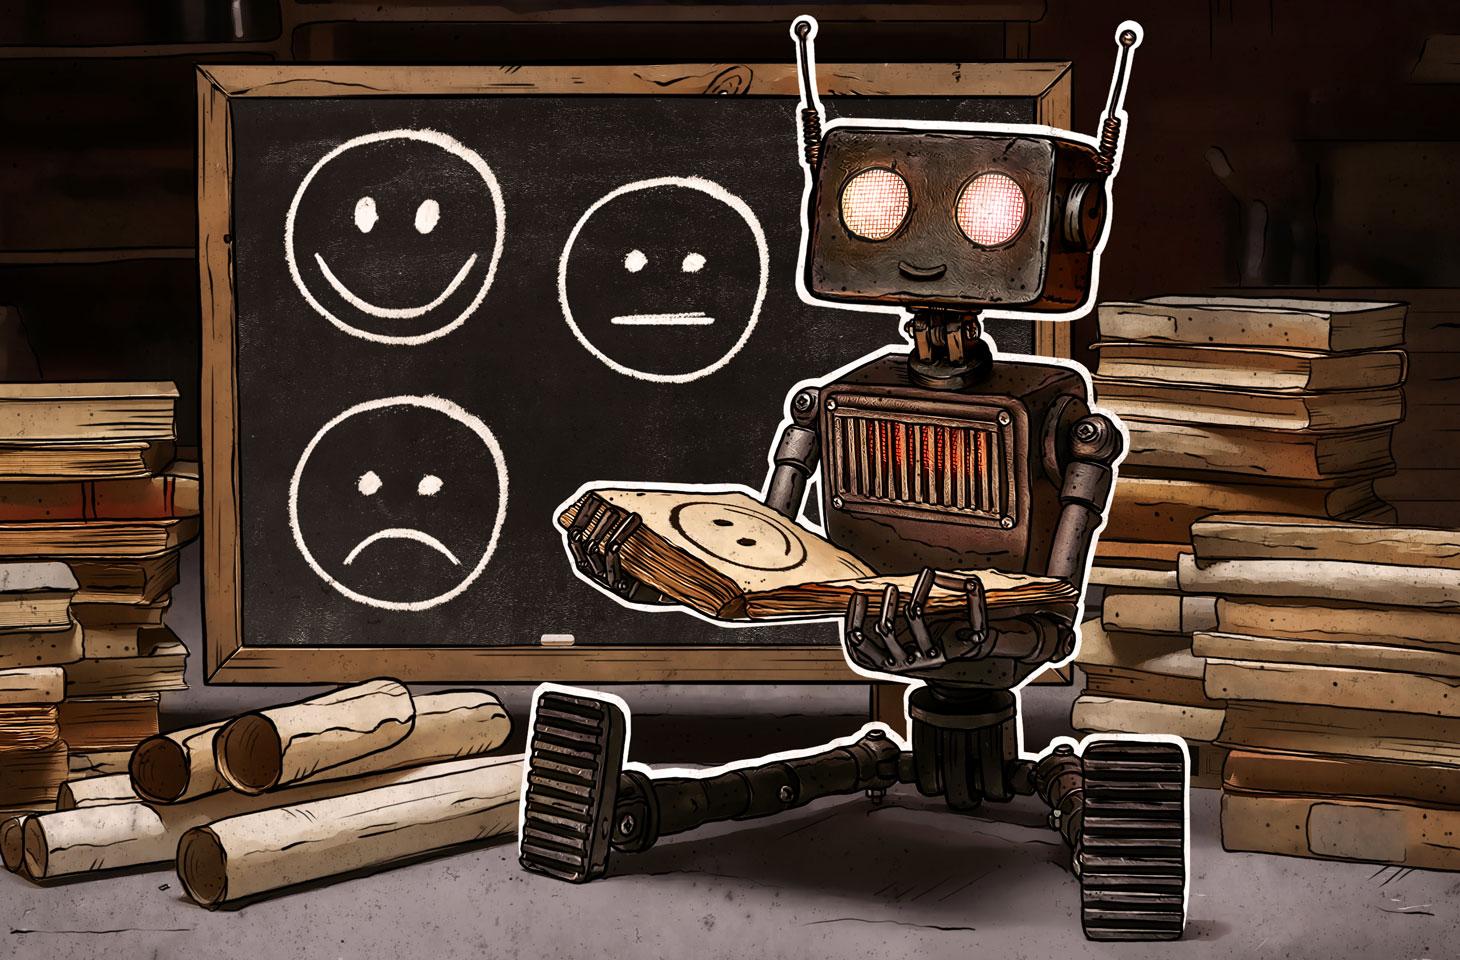 Зачем искусственный интеллект учится распознавать человеческие эмоции